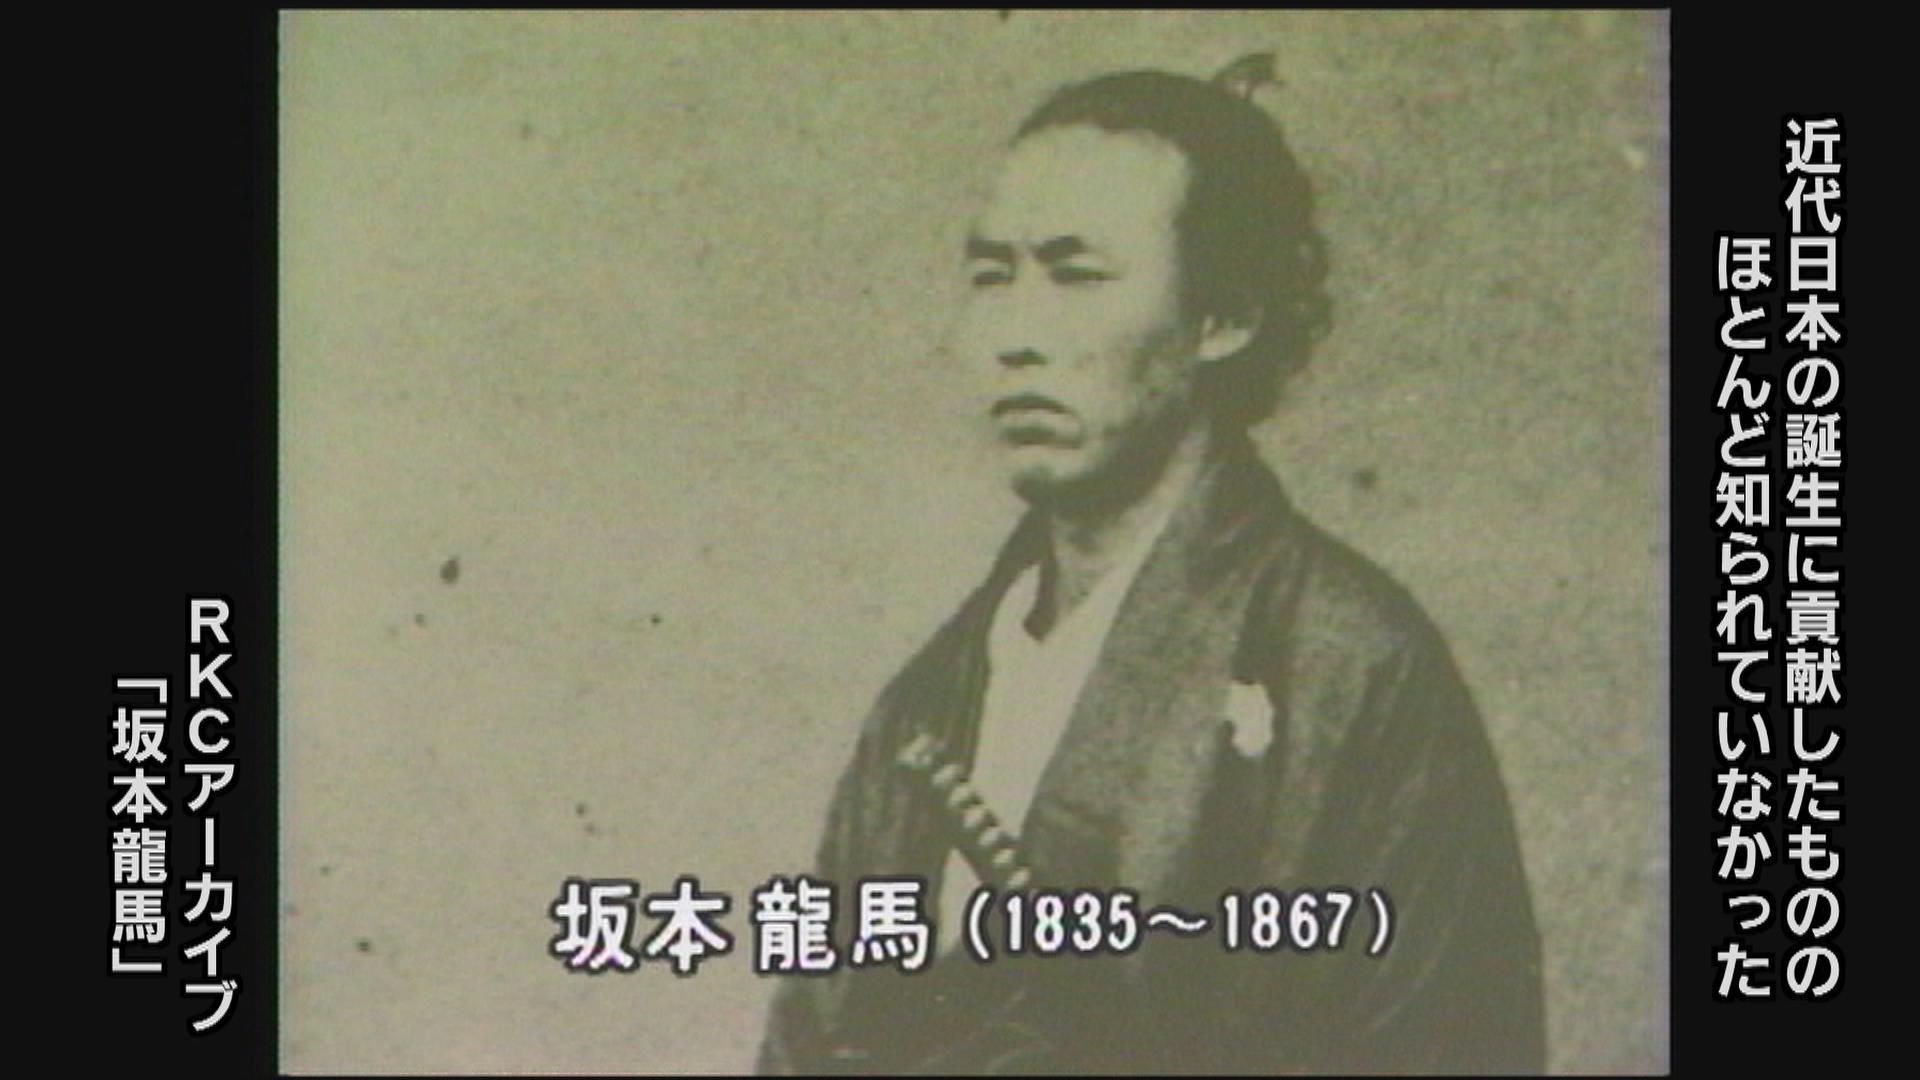 「高知の映画(活動写真)」のアーカイブ